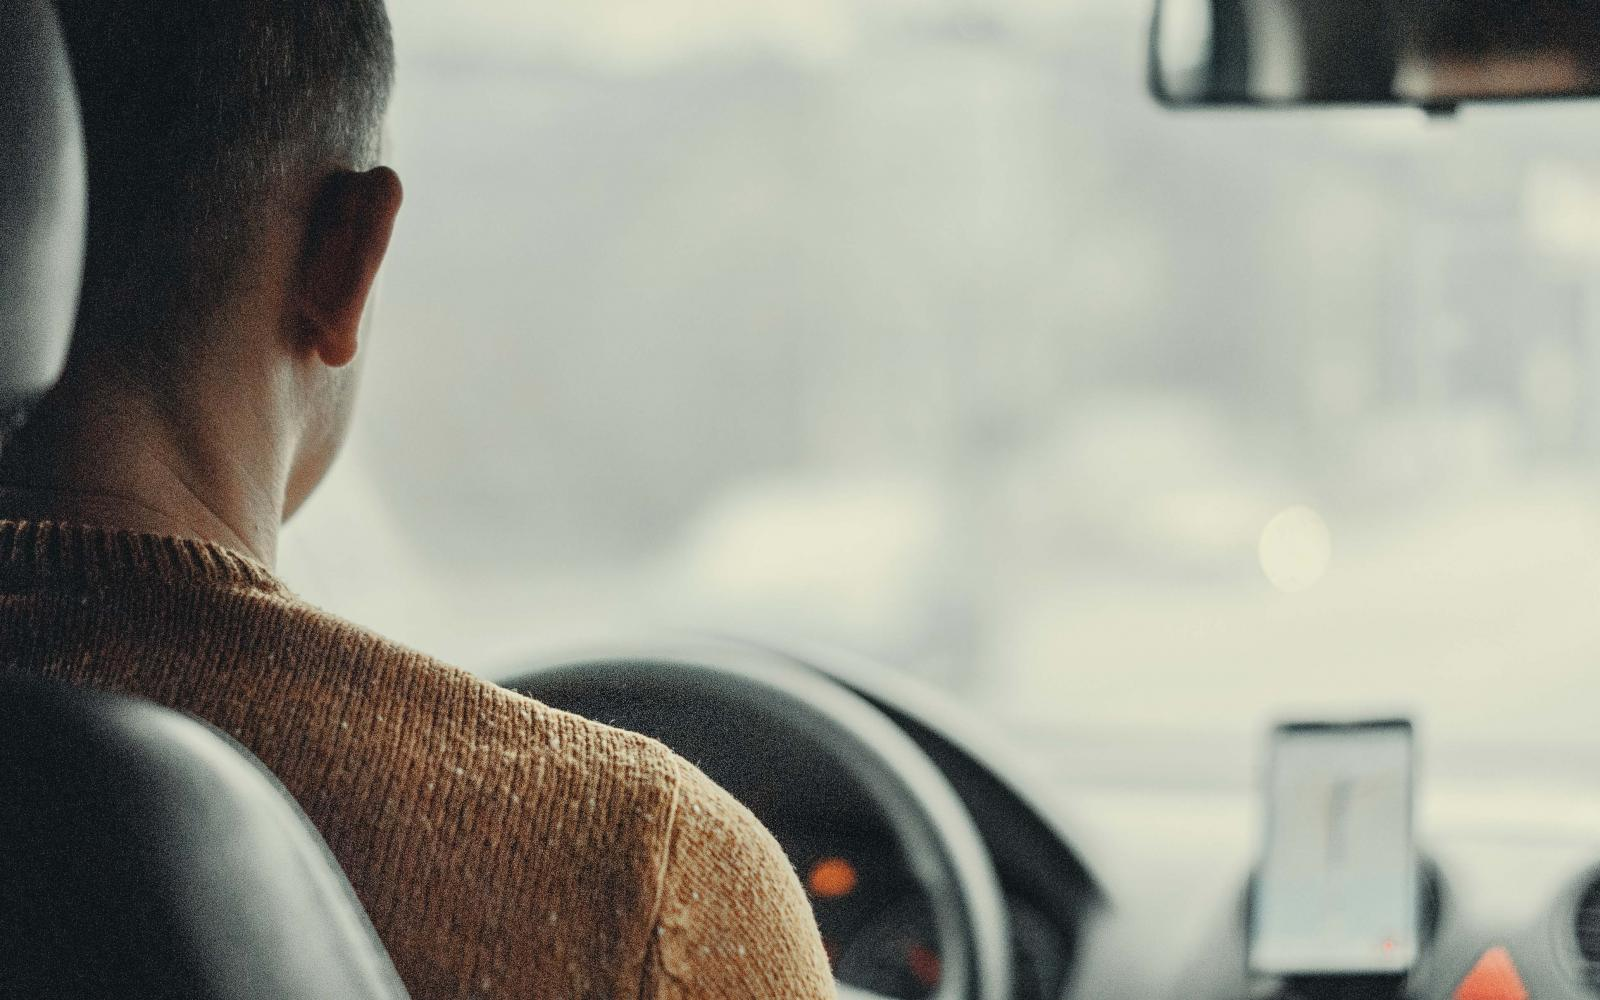 La asistencia de voz es algo que ya ocupan muchos conductores